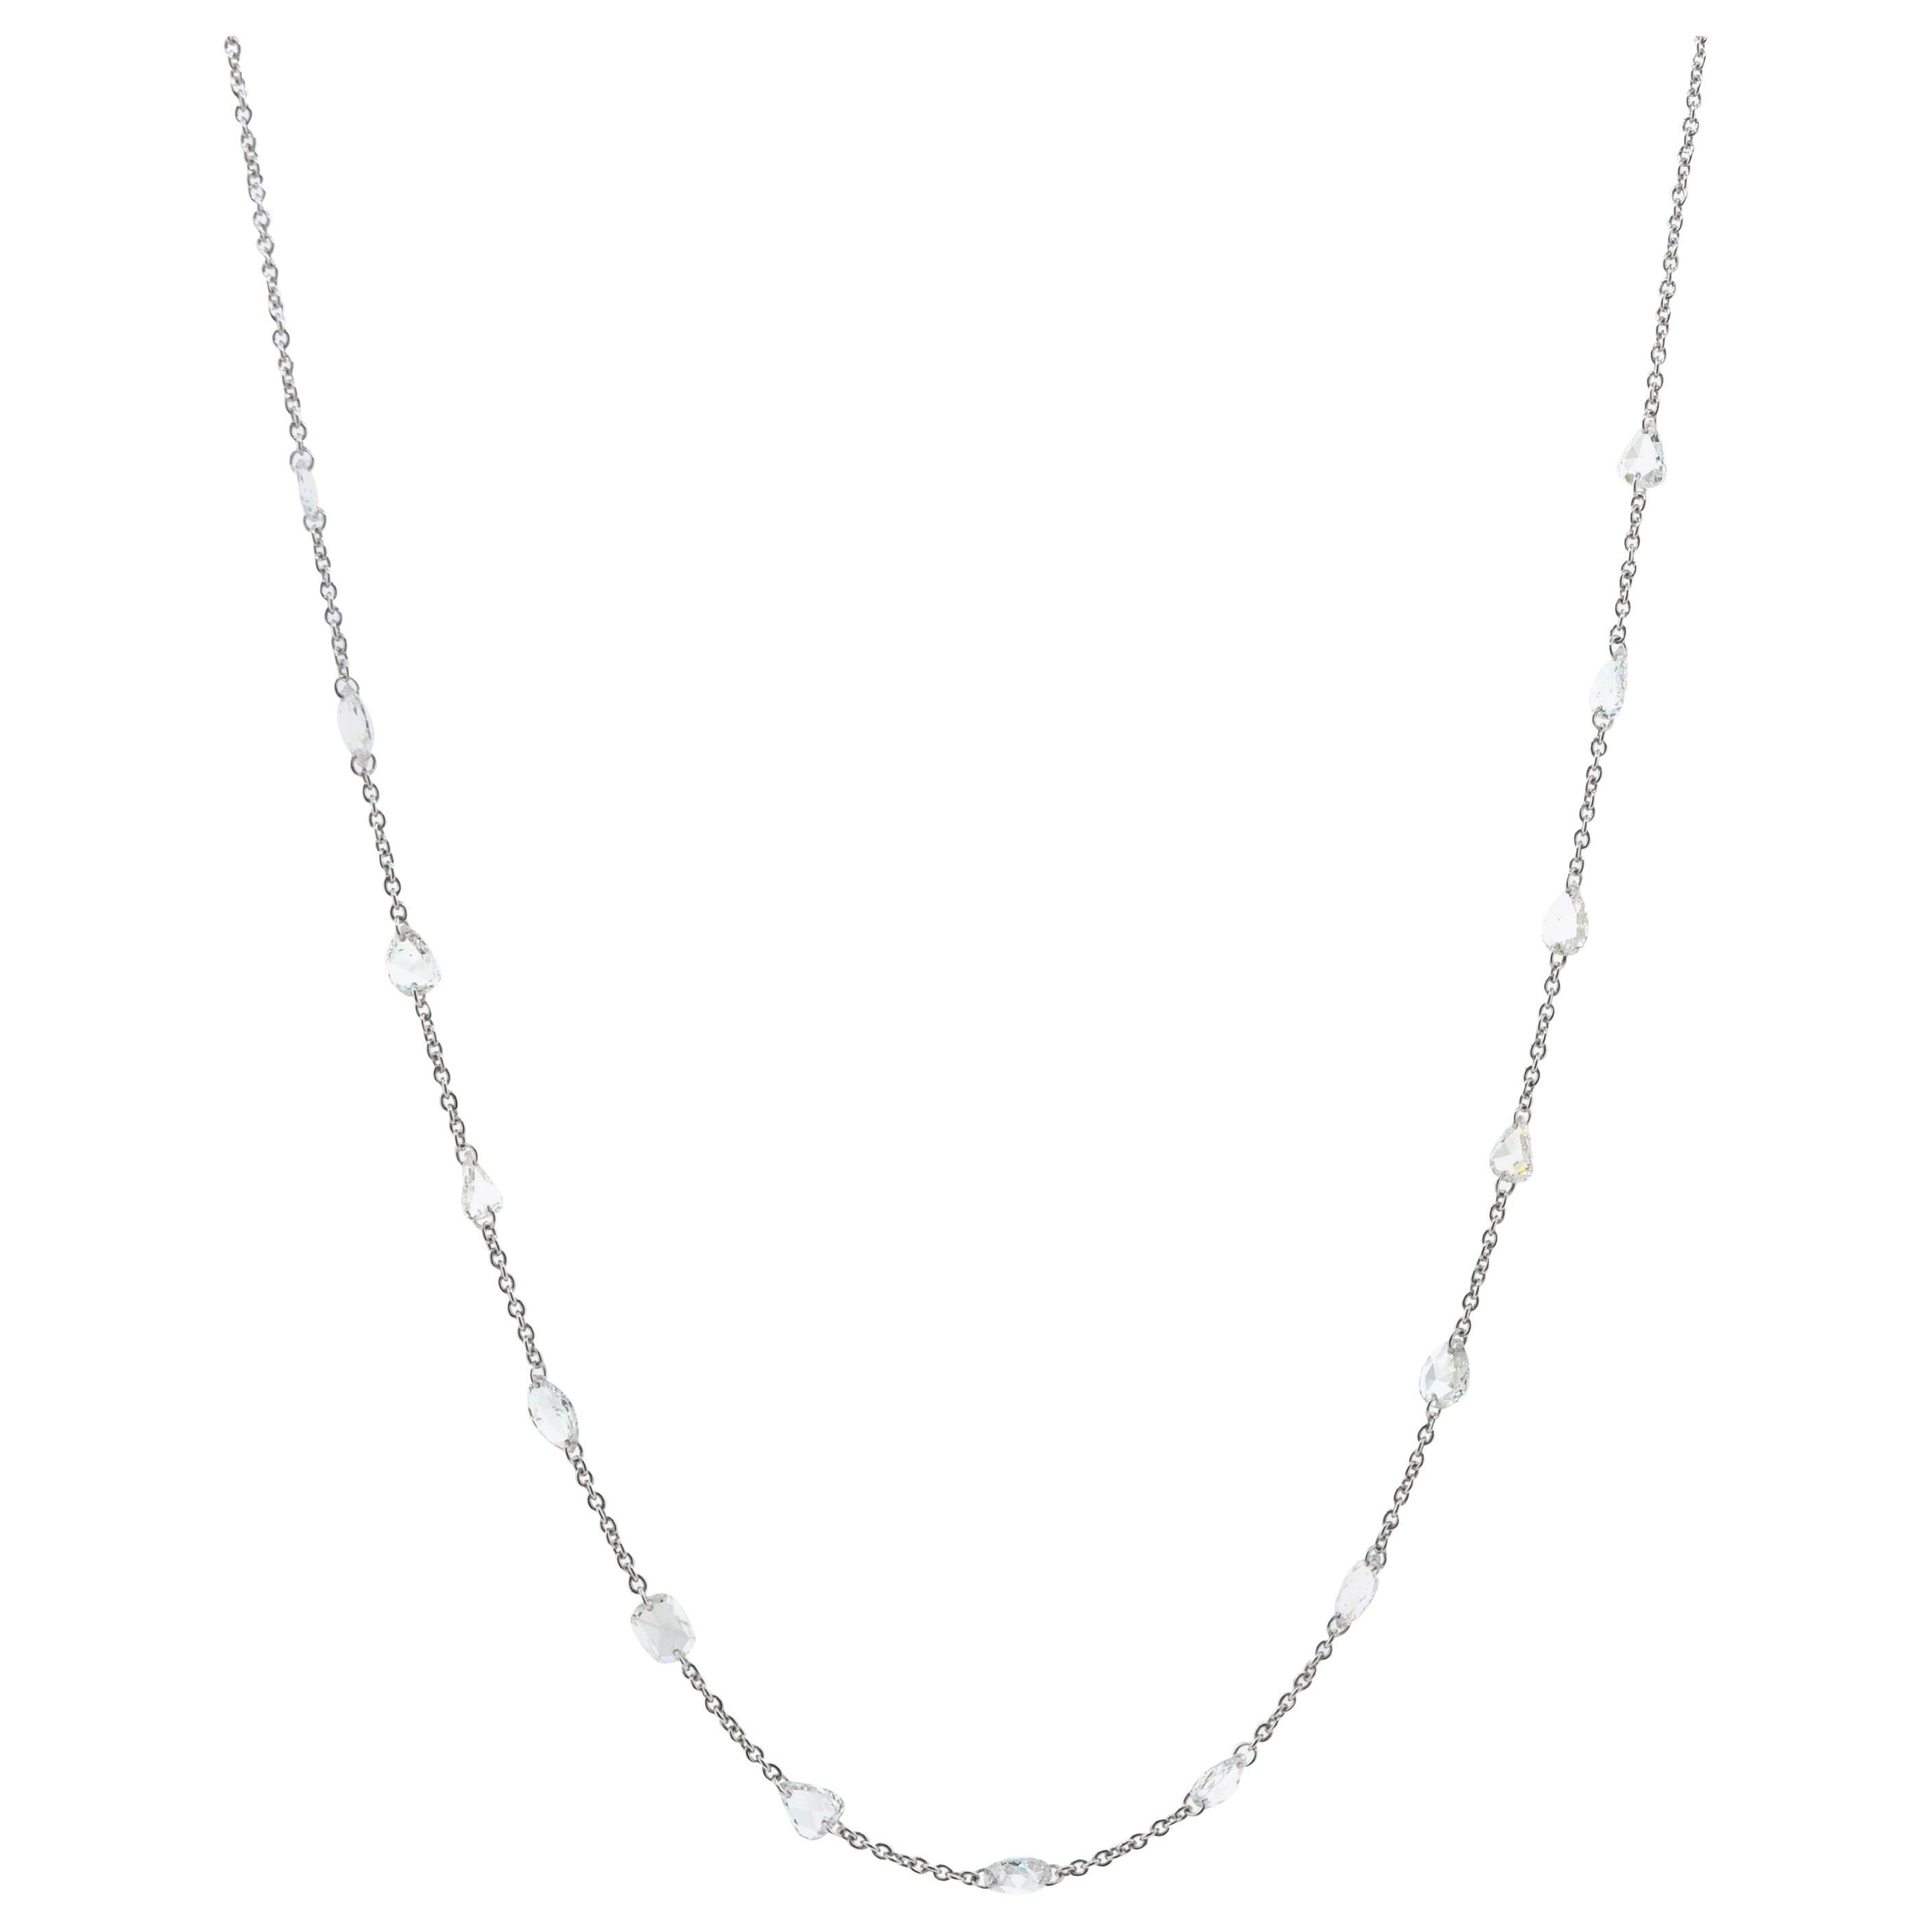 JR 2.13 Carat White Rose Cut 18 Karat White Gold Necklace